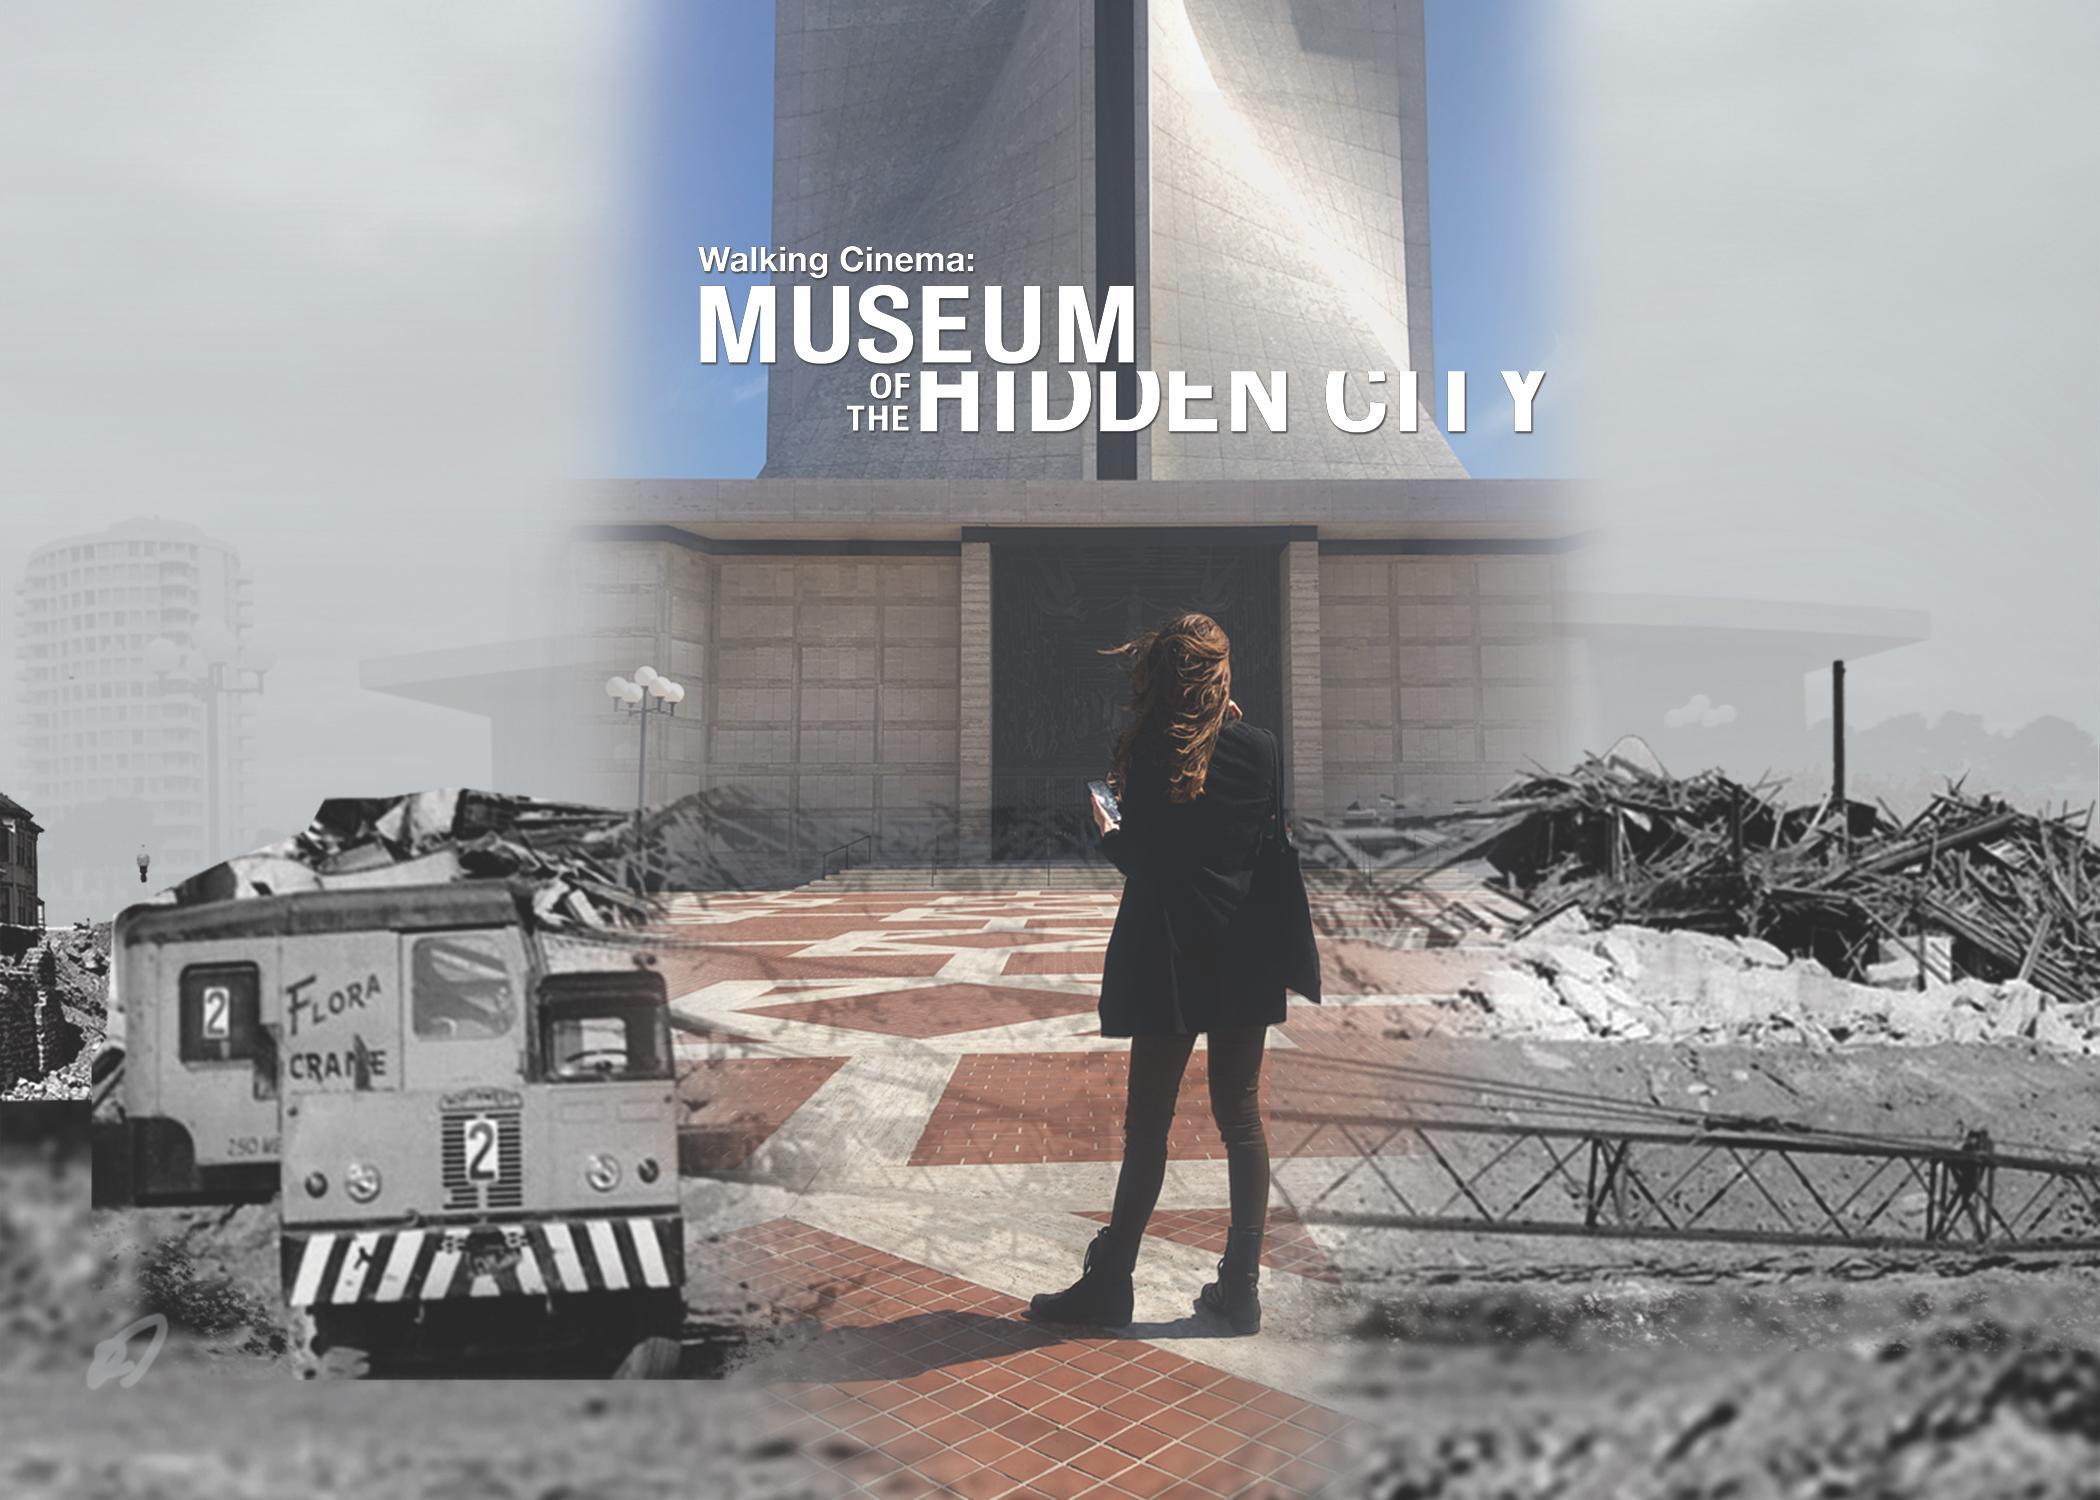 Walking Cinema: Museum of the Hidden City